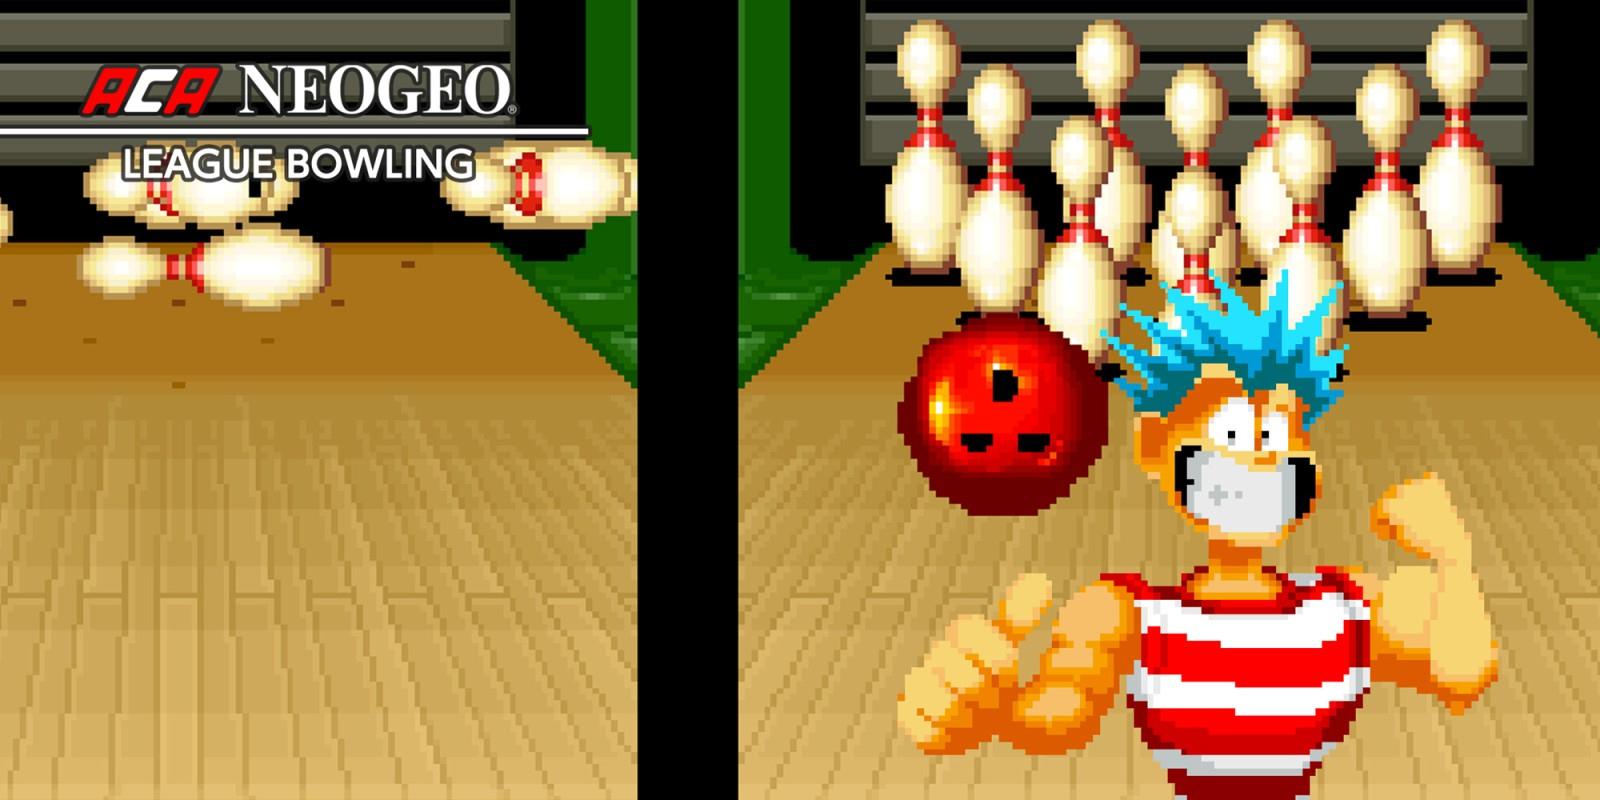 Aca Neogeo League Bowling | Jeux À Télécharger Sur Nintendo avec Jeux Gratuits De Bowling